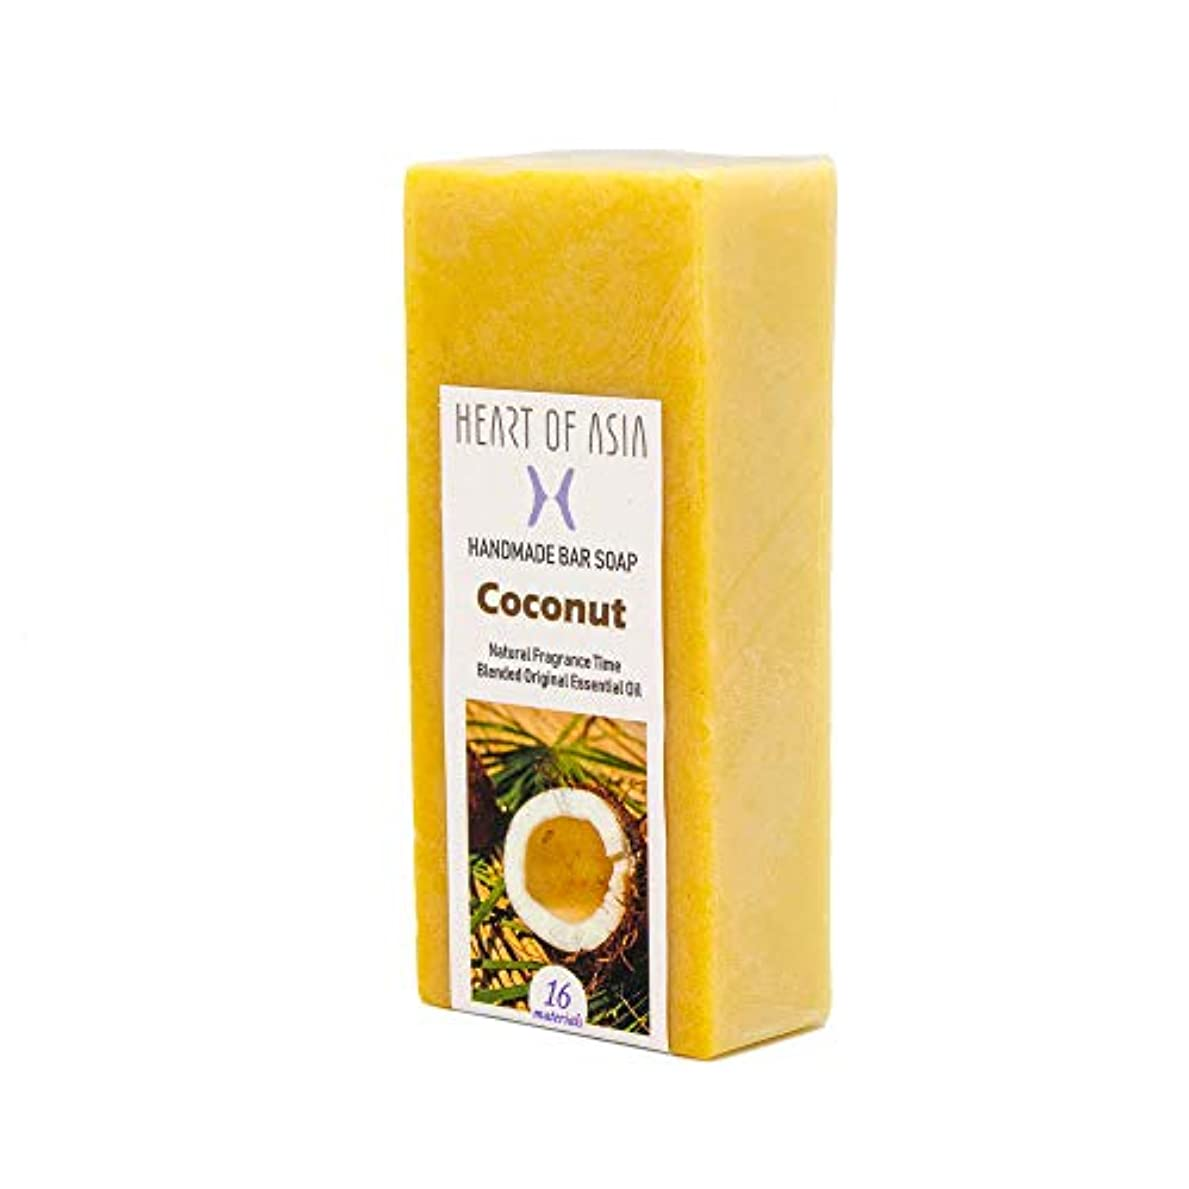 怠けた相談サイドボード香水のようなフレグランス石けん HANDMADE BAR SOAP ~Coconut ~ (単品)